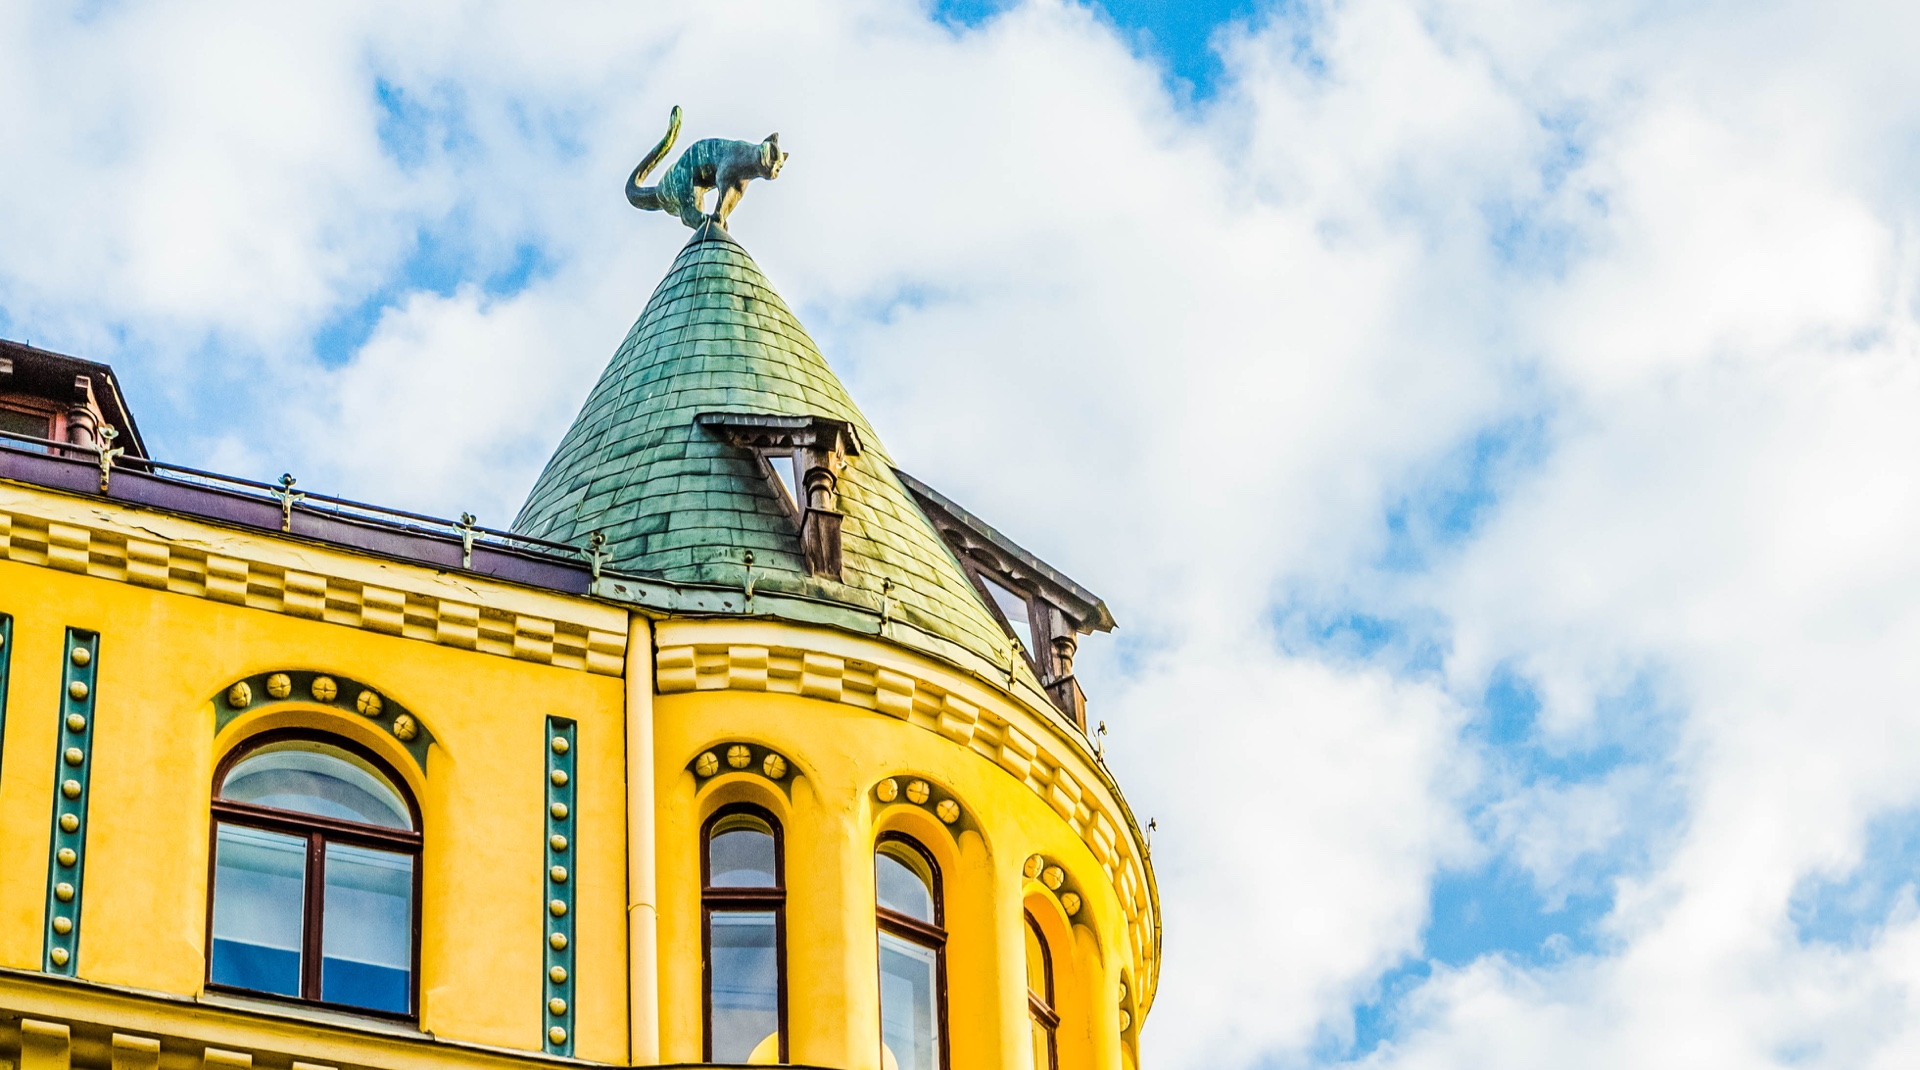 Dachschmuck: Das Katzenhaus in Riga mit seinen beiden Katzenfiguren auf den Dachtürmchen